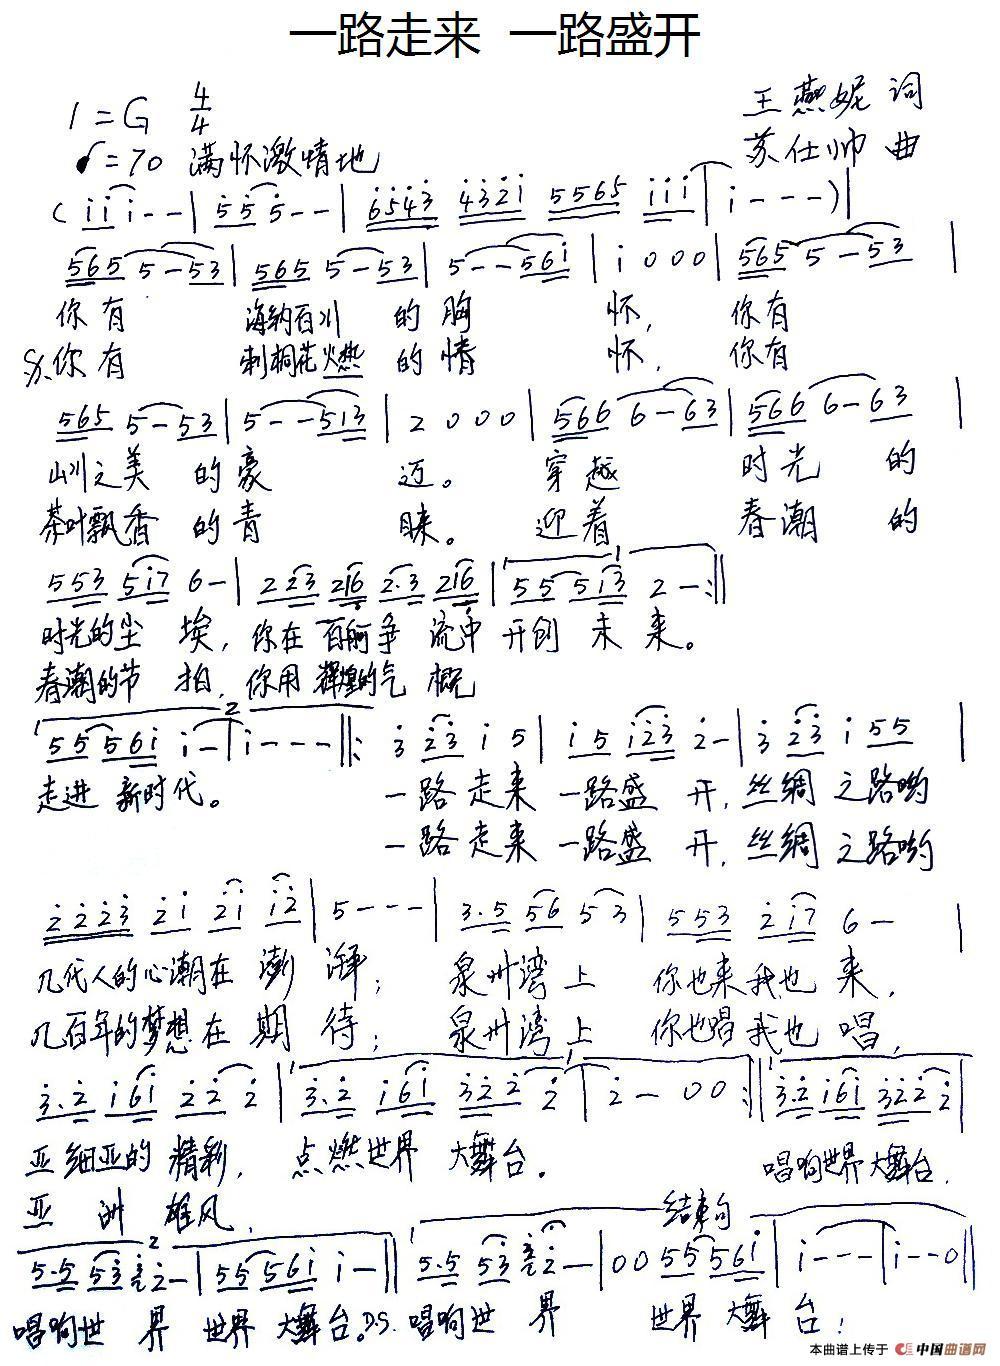 走进新时代钢琴歌谱-谱友园地 中国曲谱网